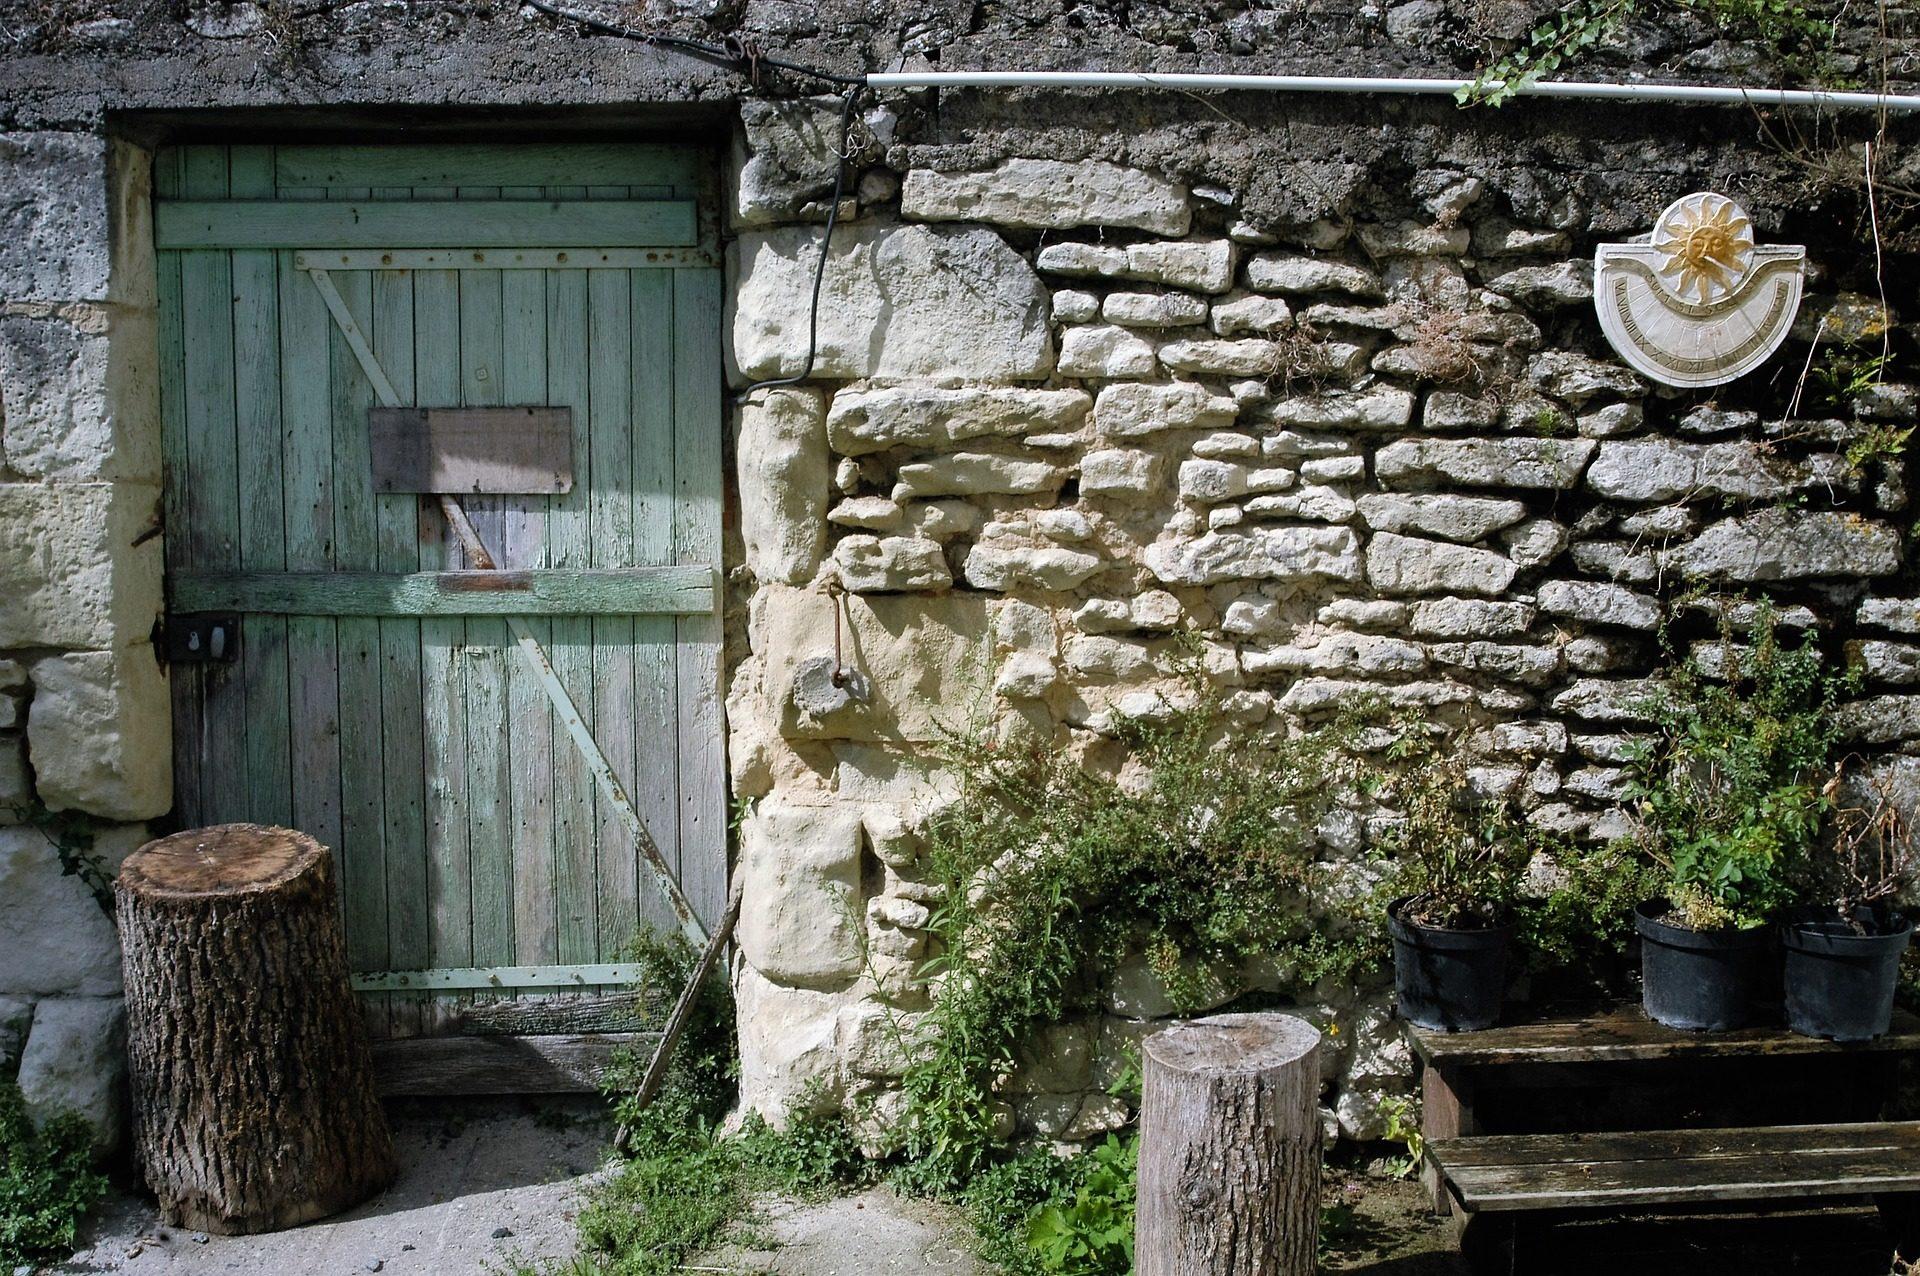 المنزل, المناطق الريفية, الجدار, الأحجار, الميدان, مصرف, جذوع - خلفيات عالية الدقة - أستاذ falken.com